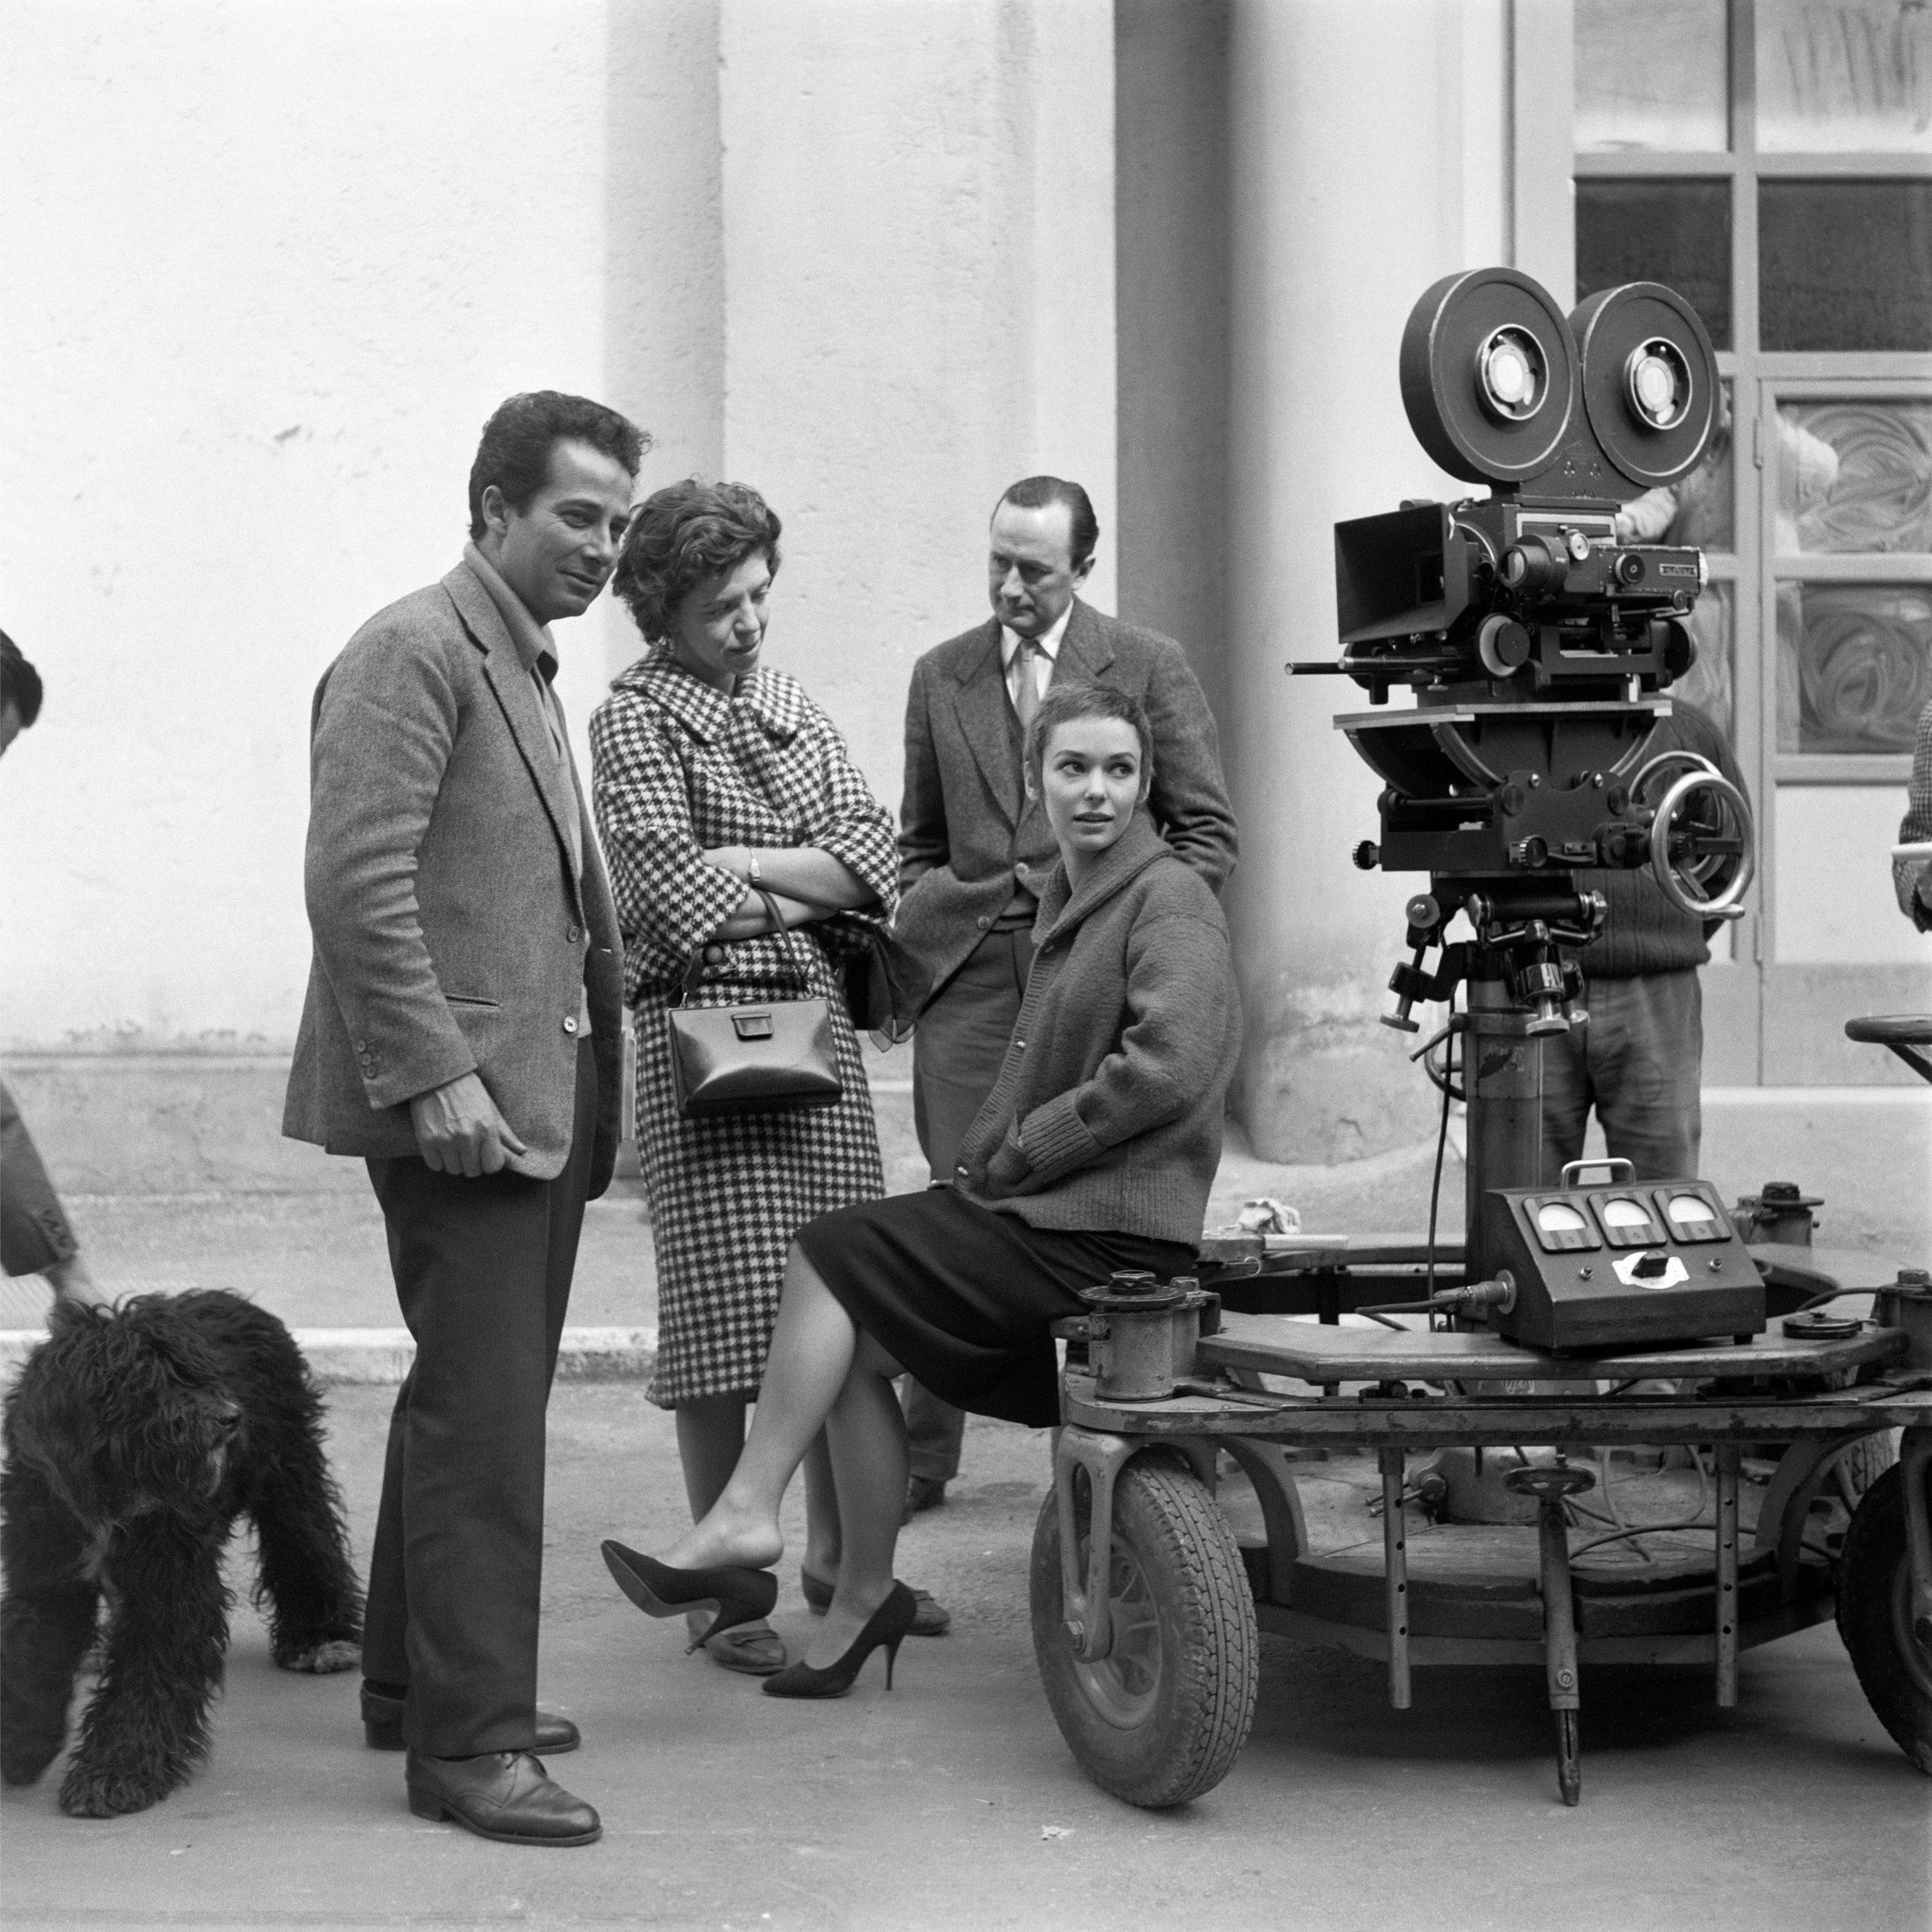 Angelo Frontoni, Gillo Pontecorvo e Susan Strasberg sul set di Kapò © Angelo Frontoni / Cineteca Nazionale – Museo Nazione del Cinema di Torino